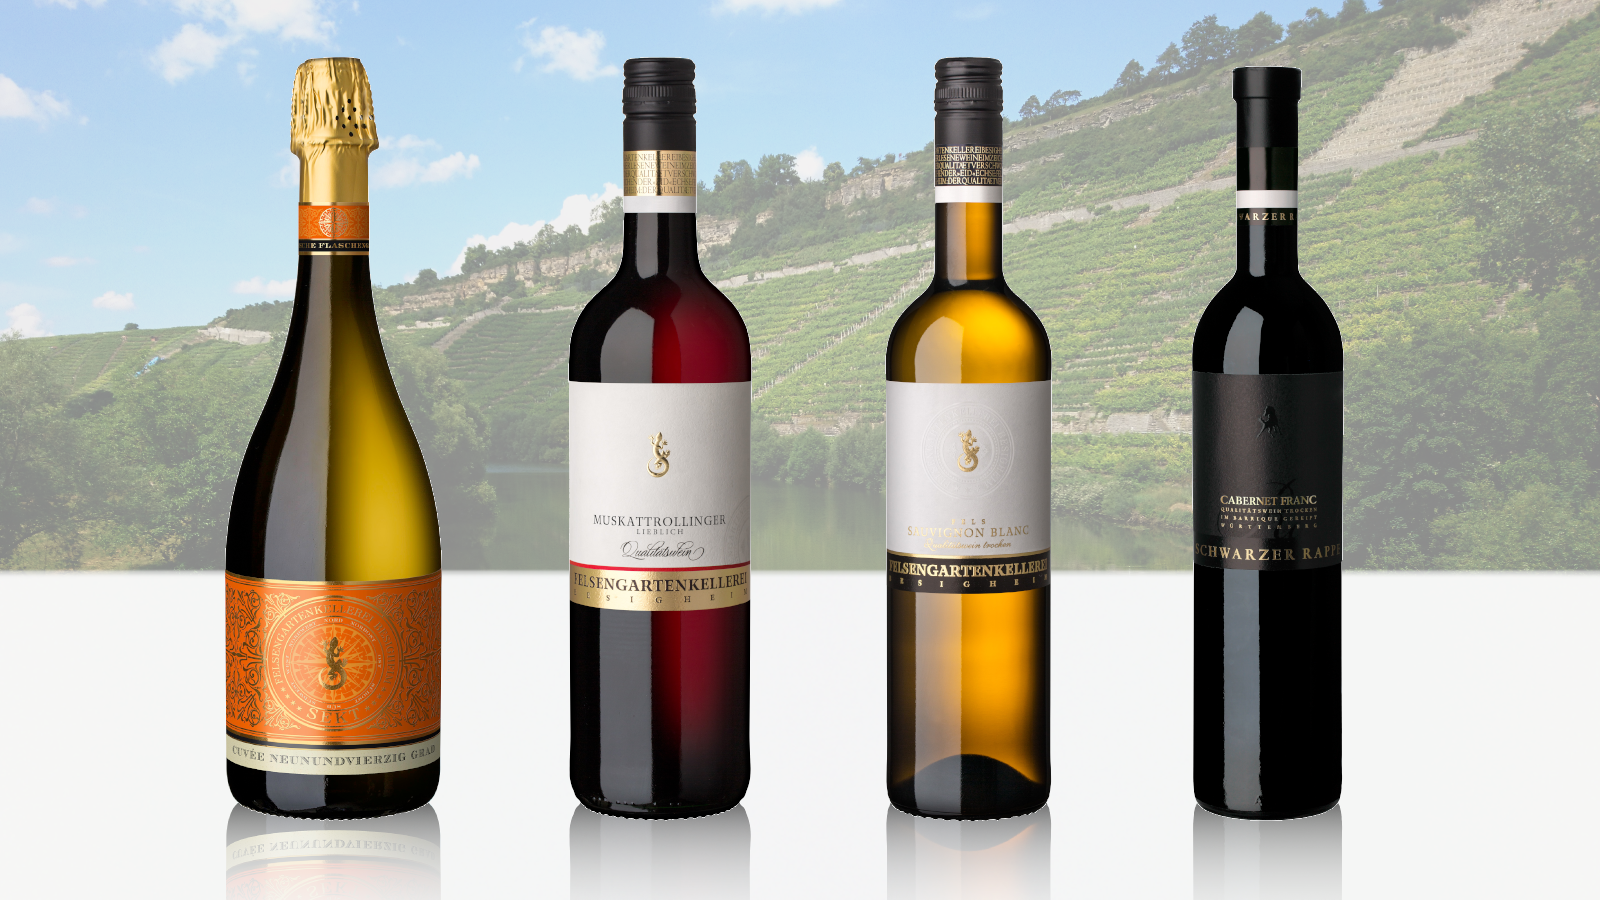 Bild von den vier Gold-Weinen der Felsengartenkellerei Besigheim.